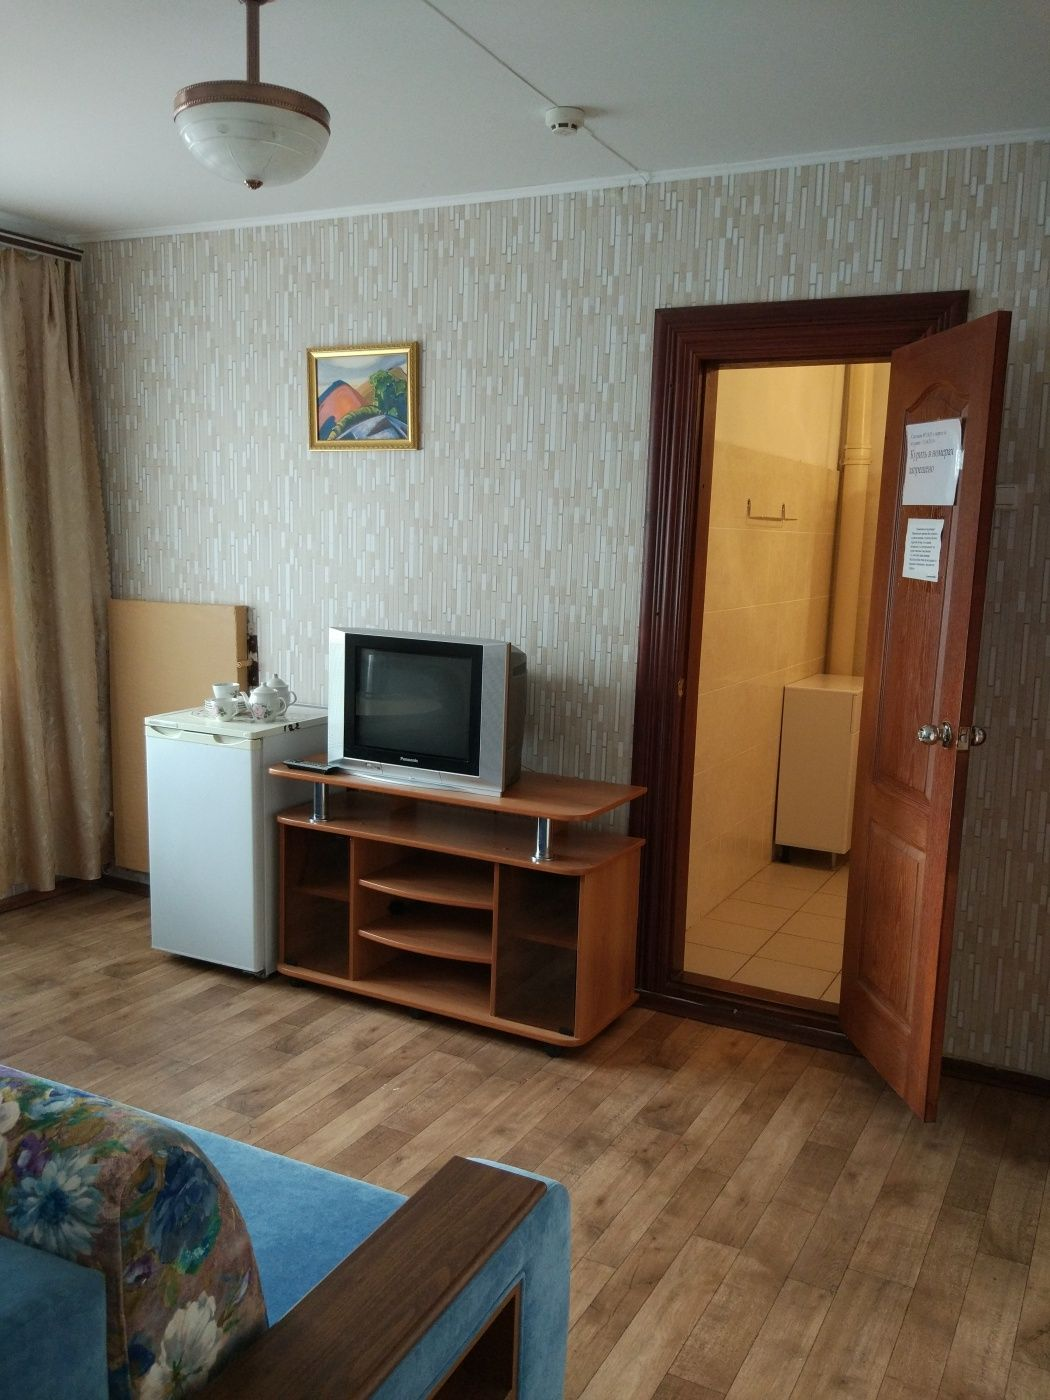 Турбаза «Домостроитель» Саратовская область 2-комнатный номер «люкс» с удобствами (корпус № 1), фото 6